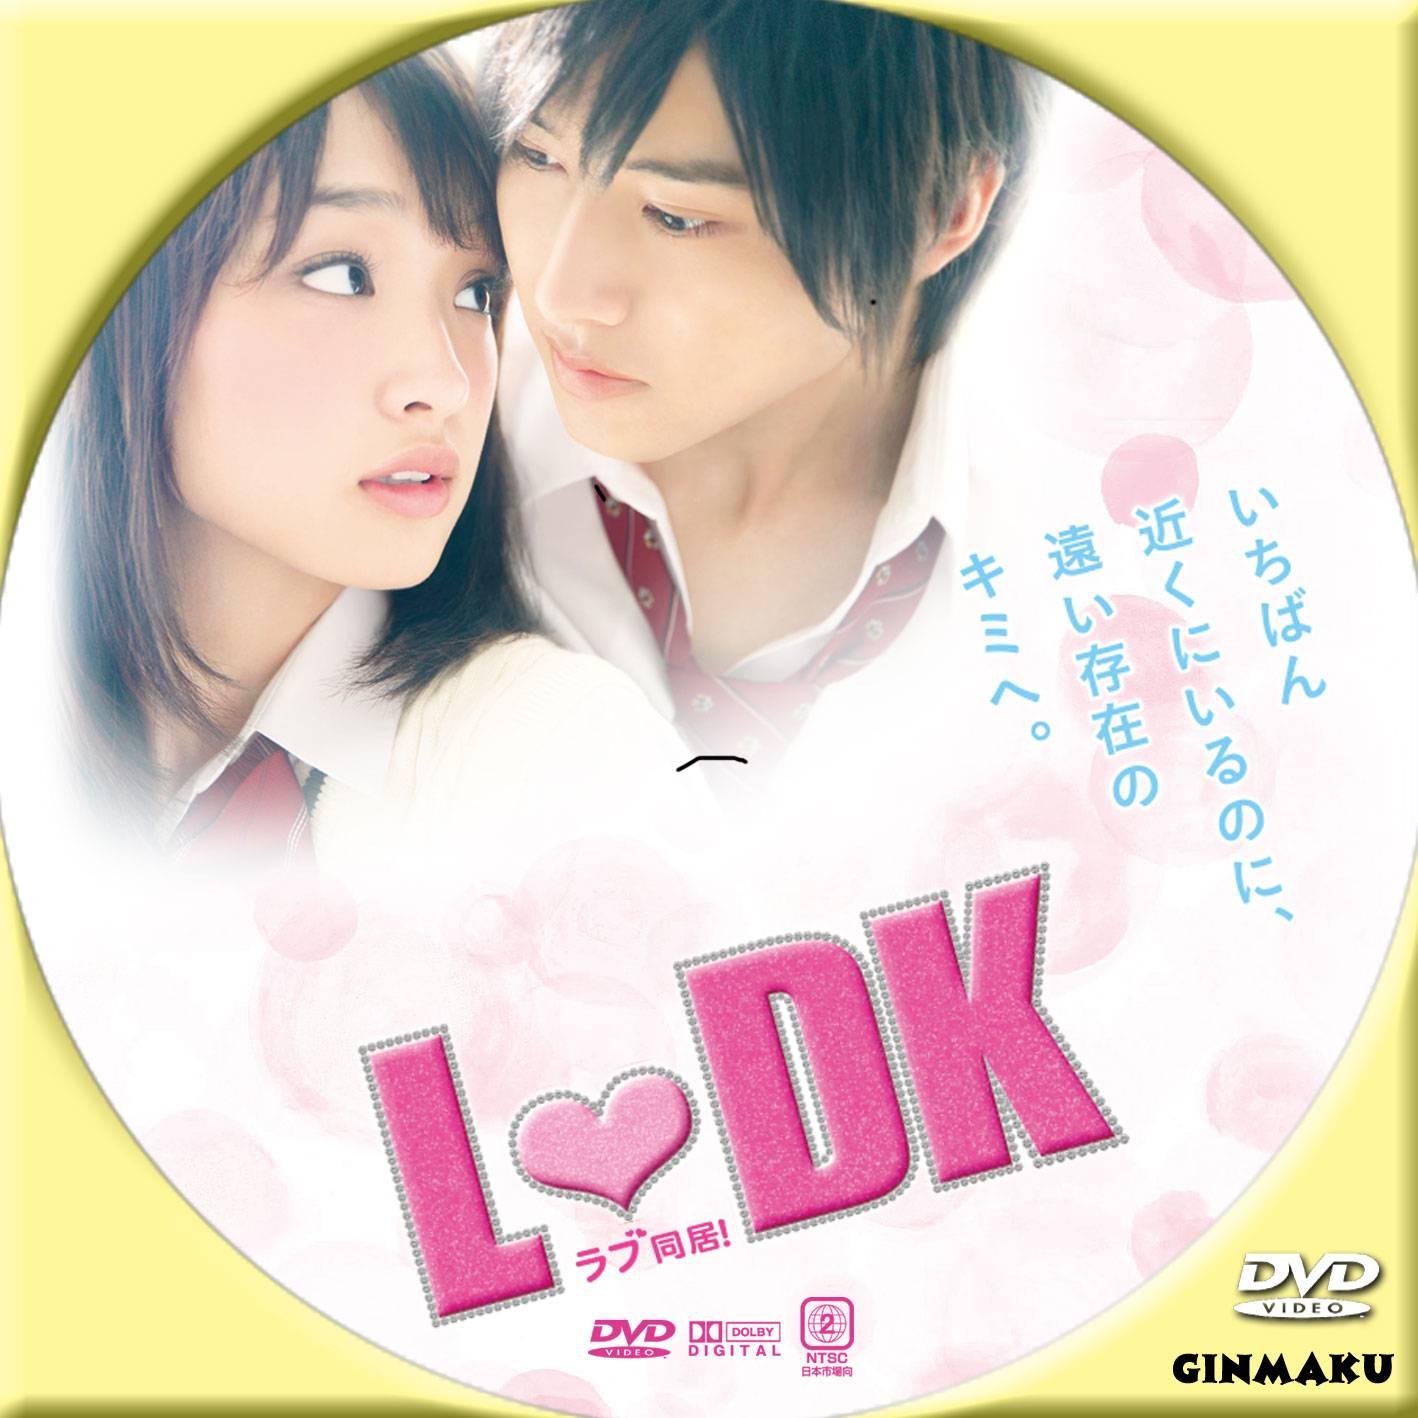 畫像 : 【映畫】L・DK DVDラベルまとめ【剛力彩芽】 - NAVER まとめ